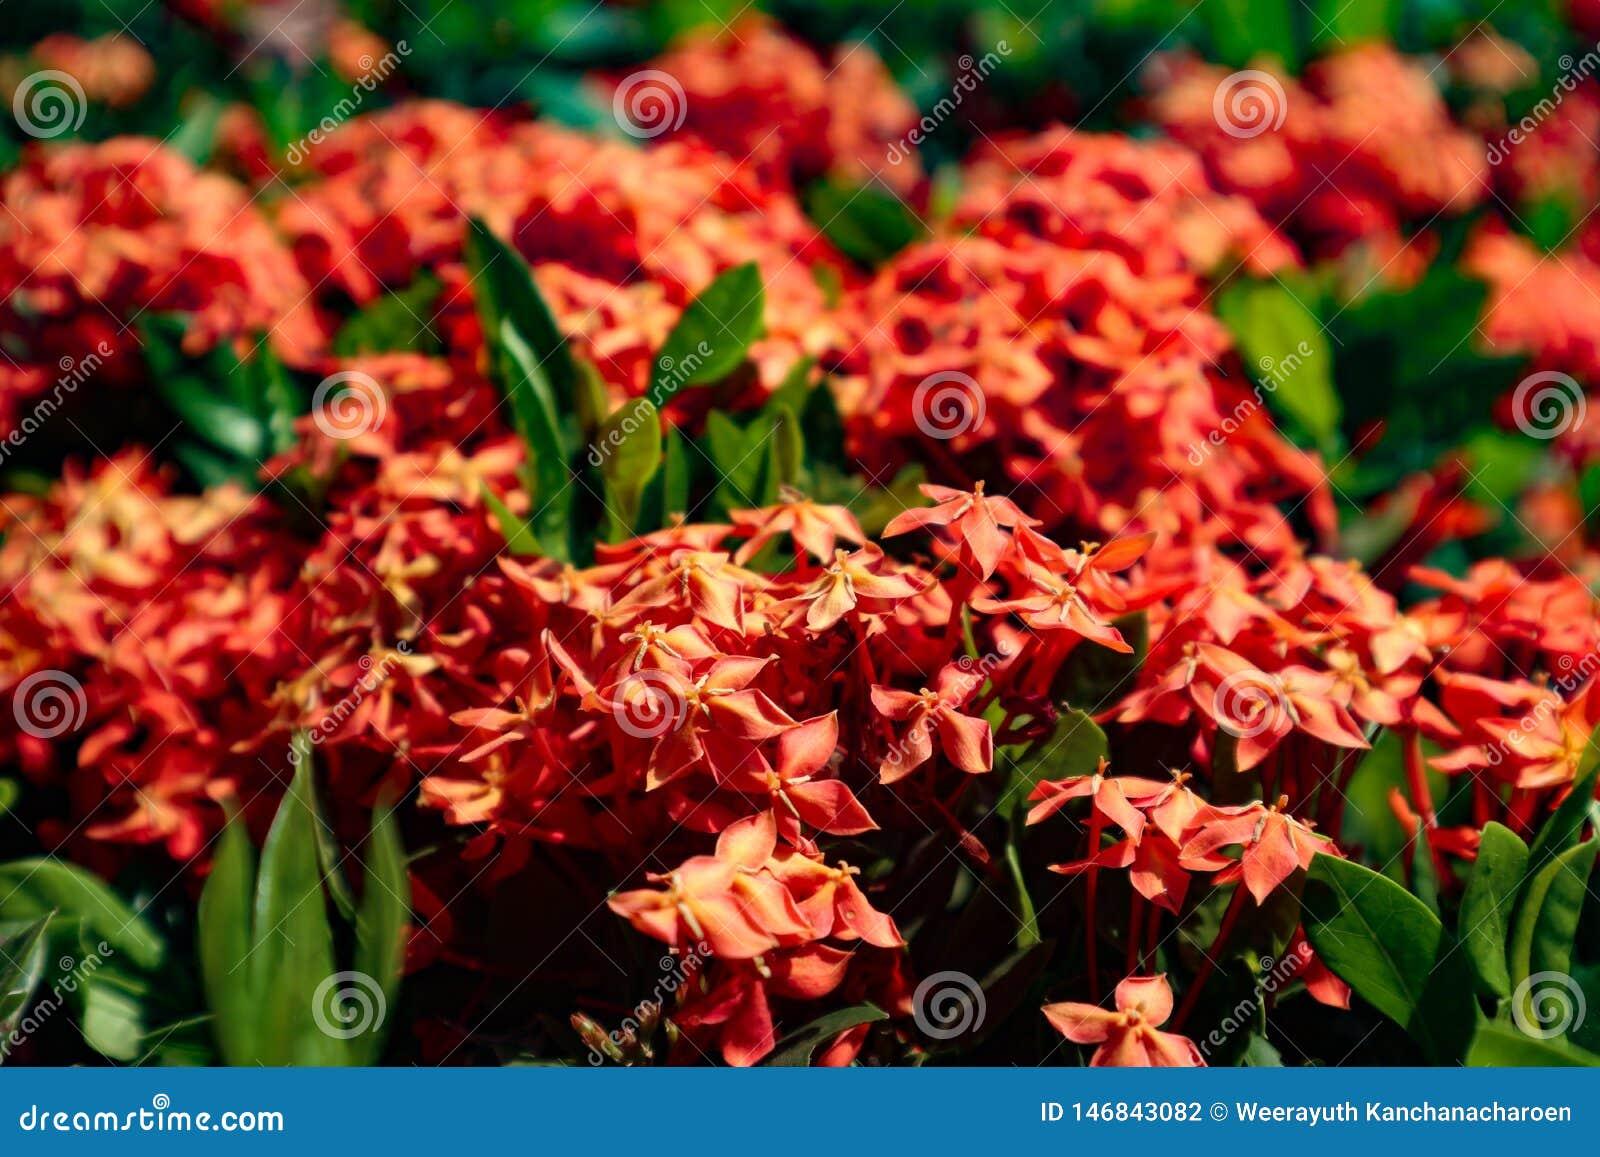 Vermelho amarelo roxo do close up bonito e flores alaranjadas da cor nos parques verdes exteriores